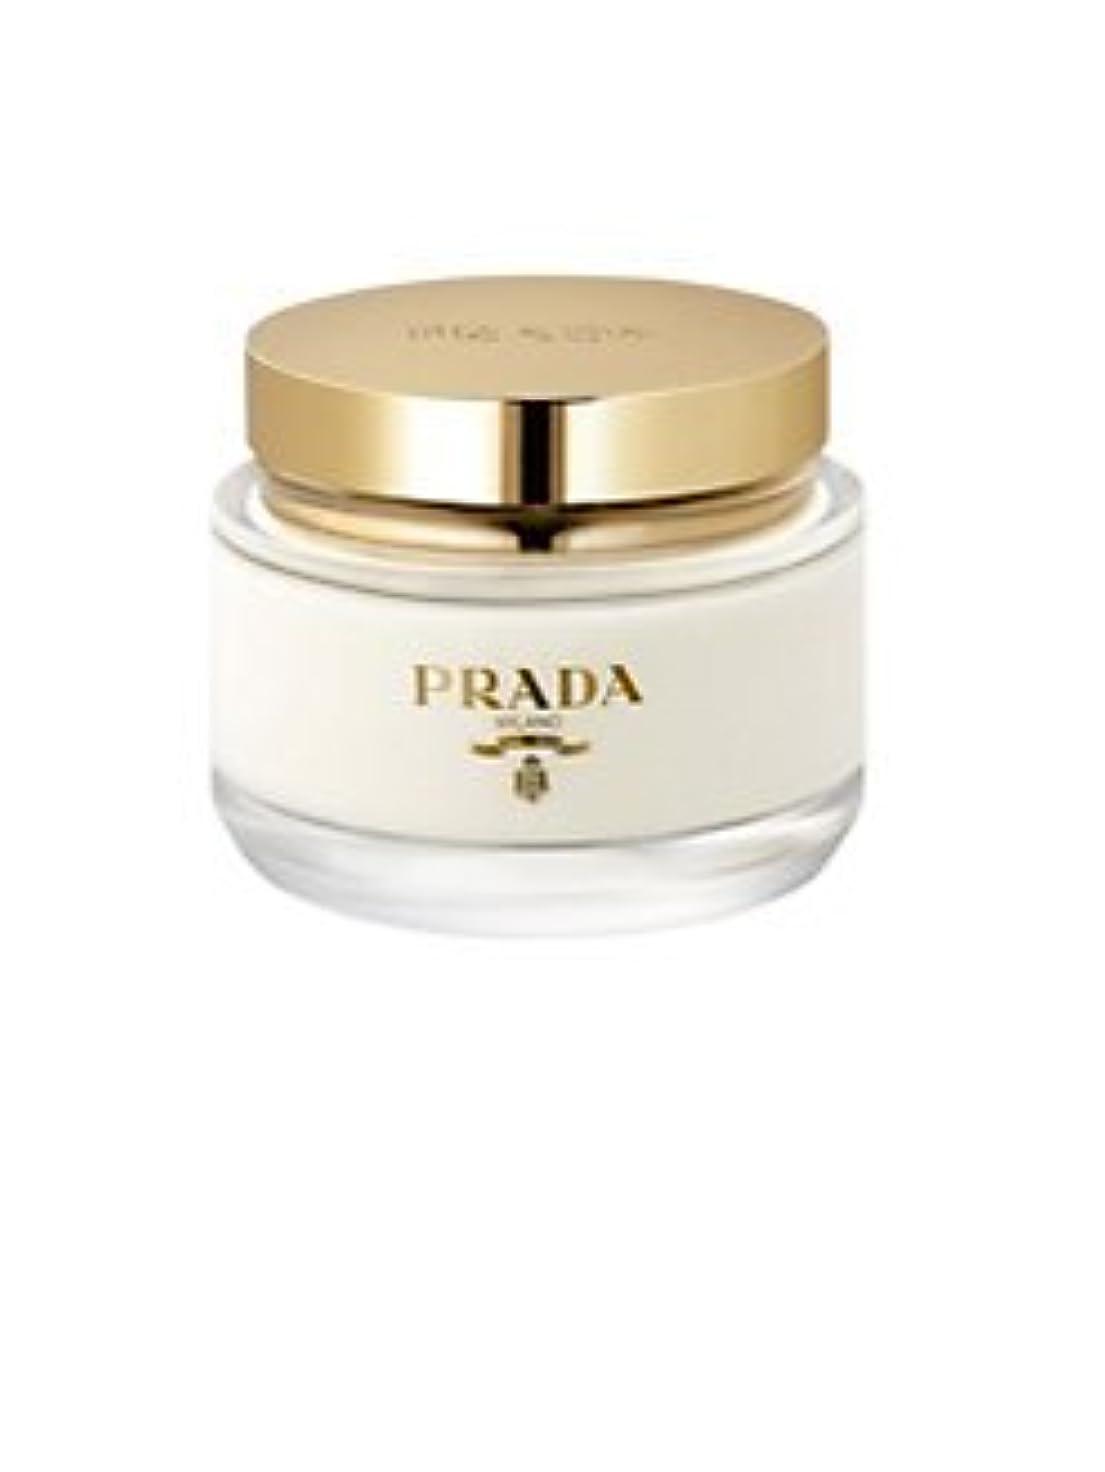 メナジェリー断線ランクLa Femme Prada (ラ フェム プラダ) 6.7 oz (200ml) Body Cream for Women